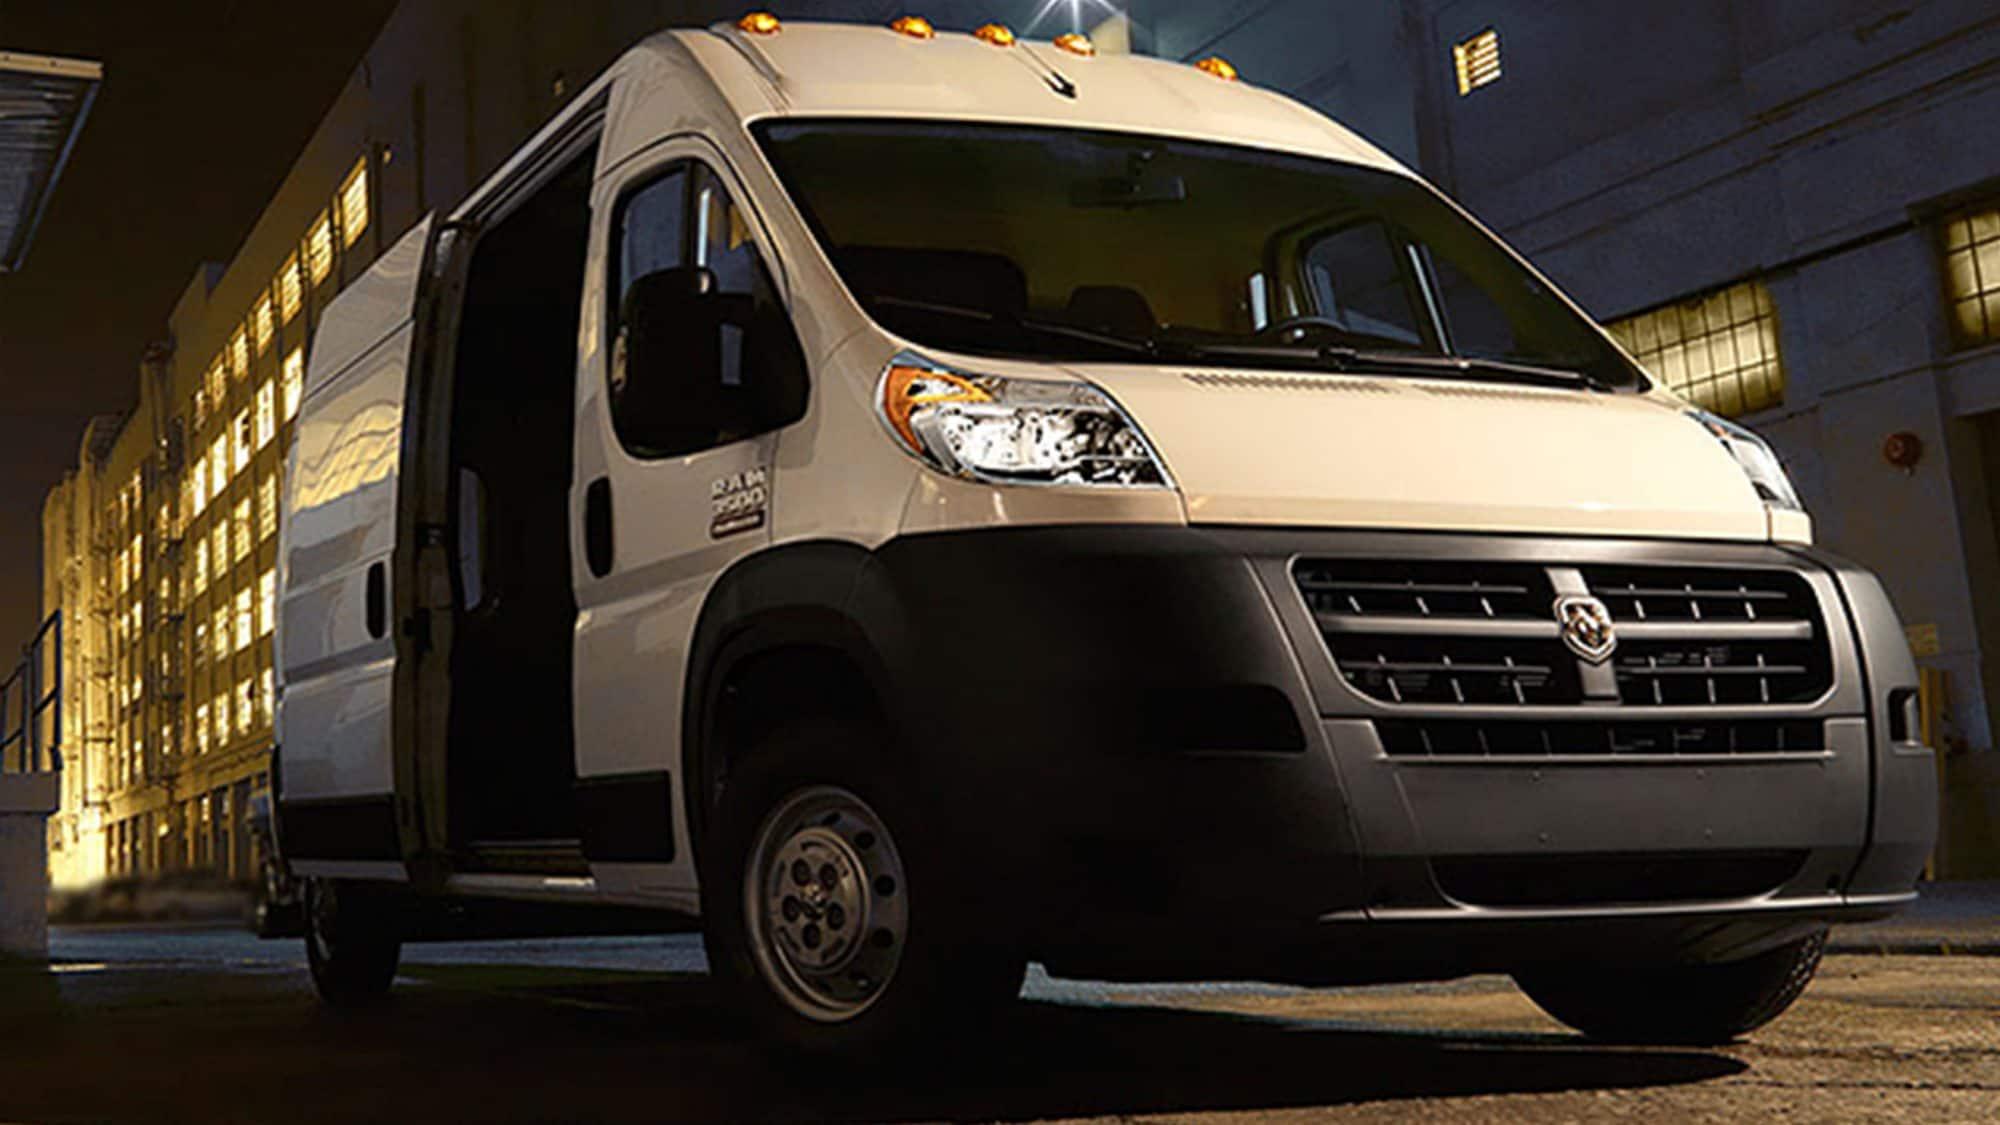 2018 Ram ProMaster (Cargo Van)